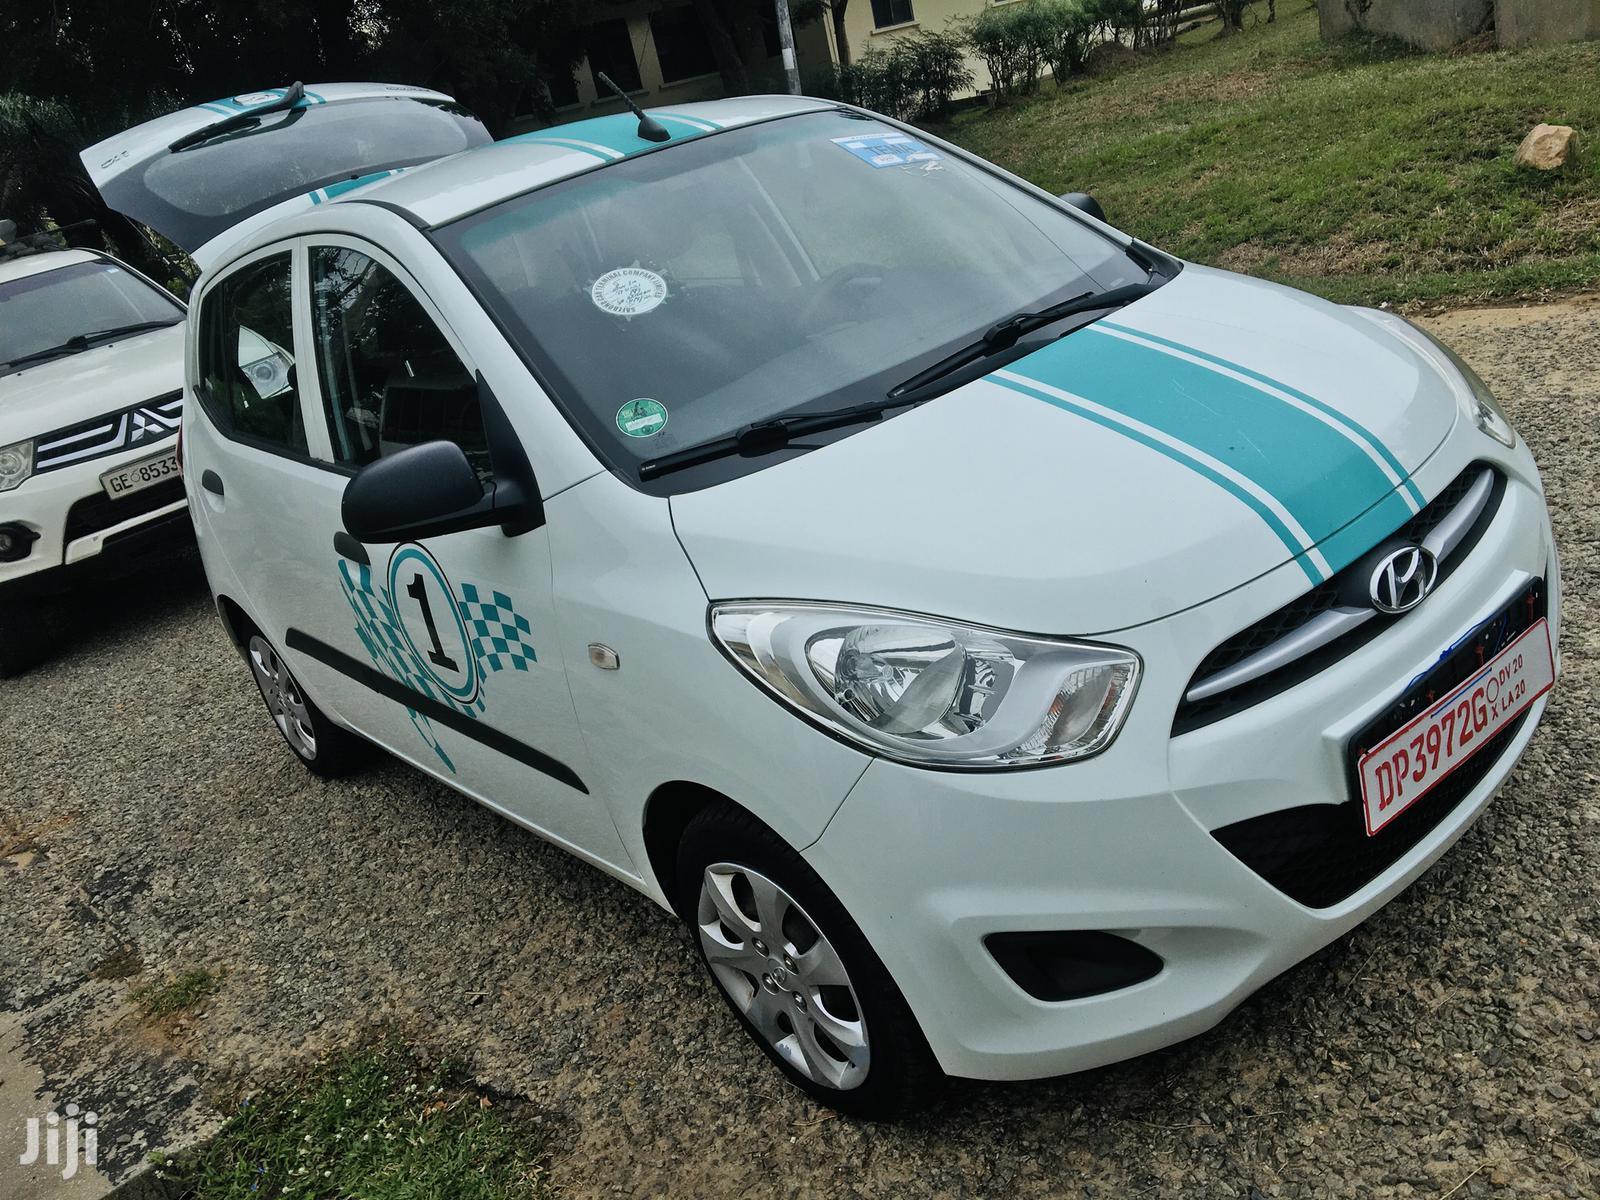 Archive: Hyundai i10 2012 1.2 White